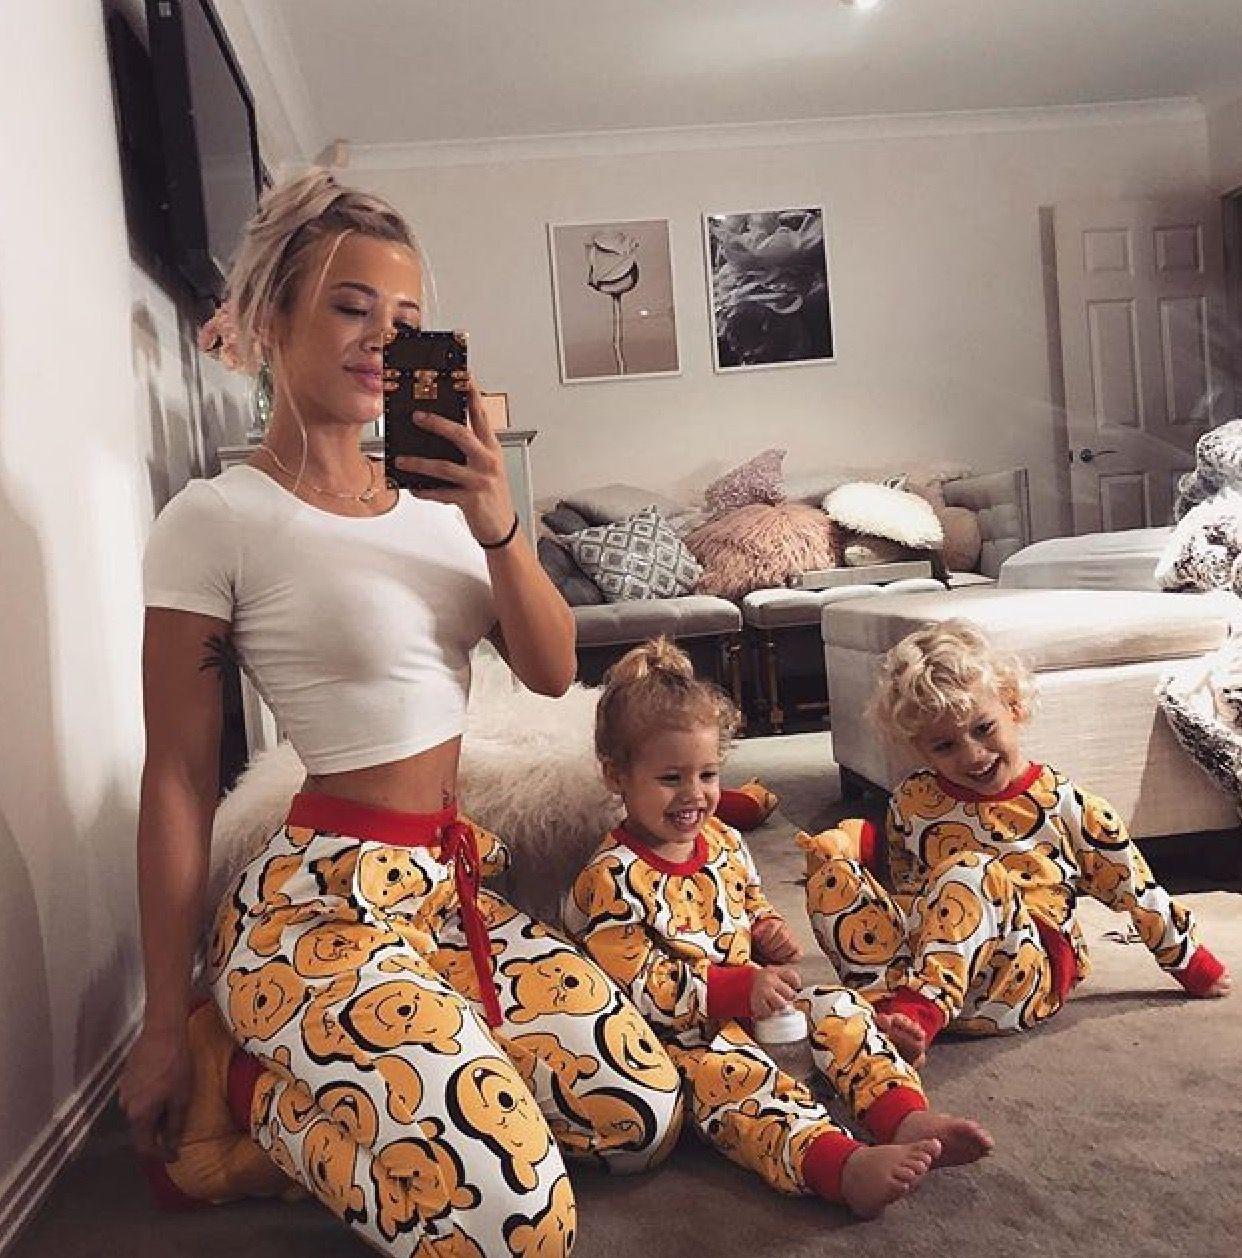 картинки в инстаграмме про семью делают отрезка